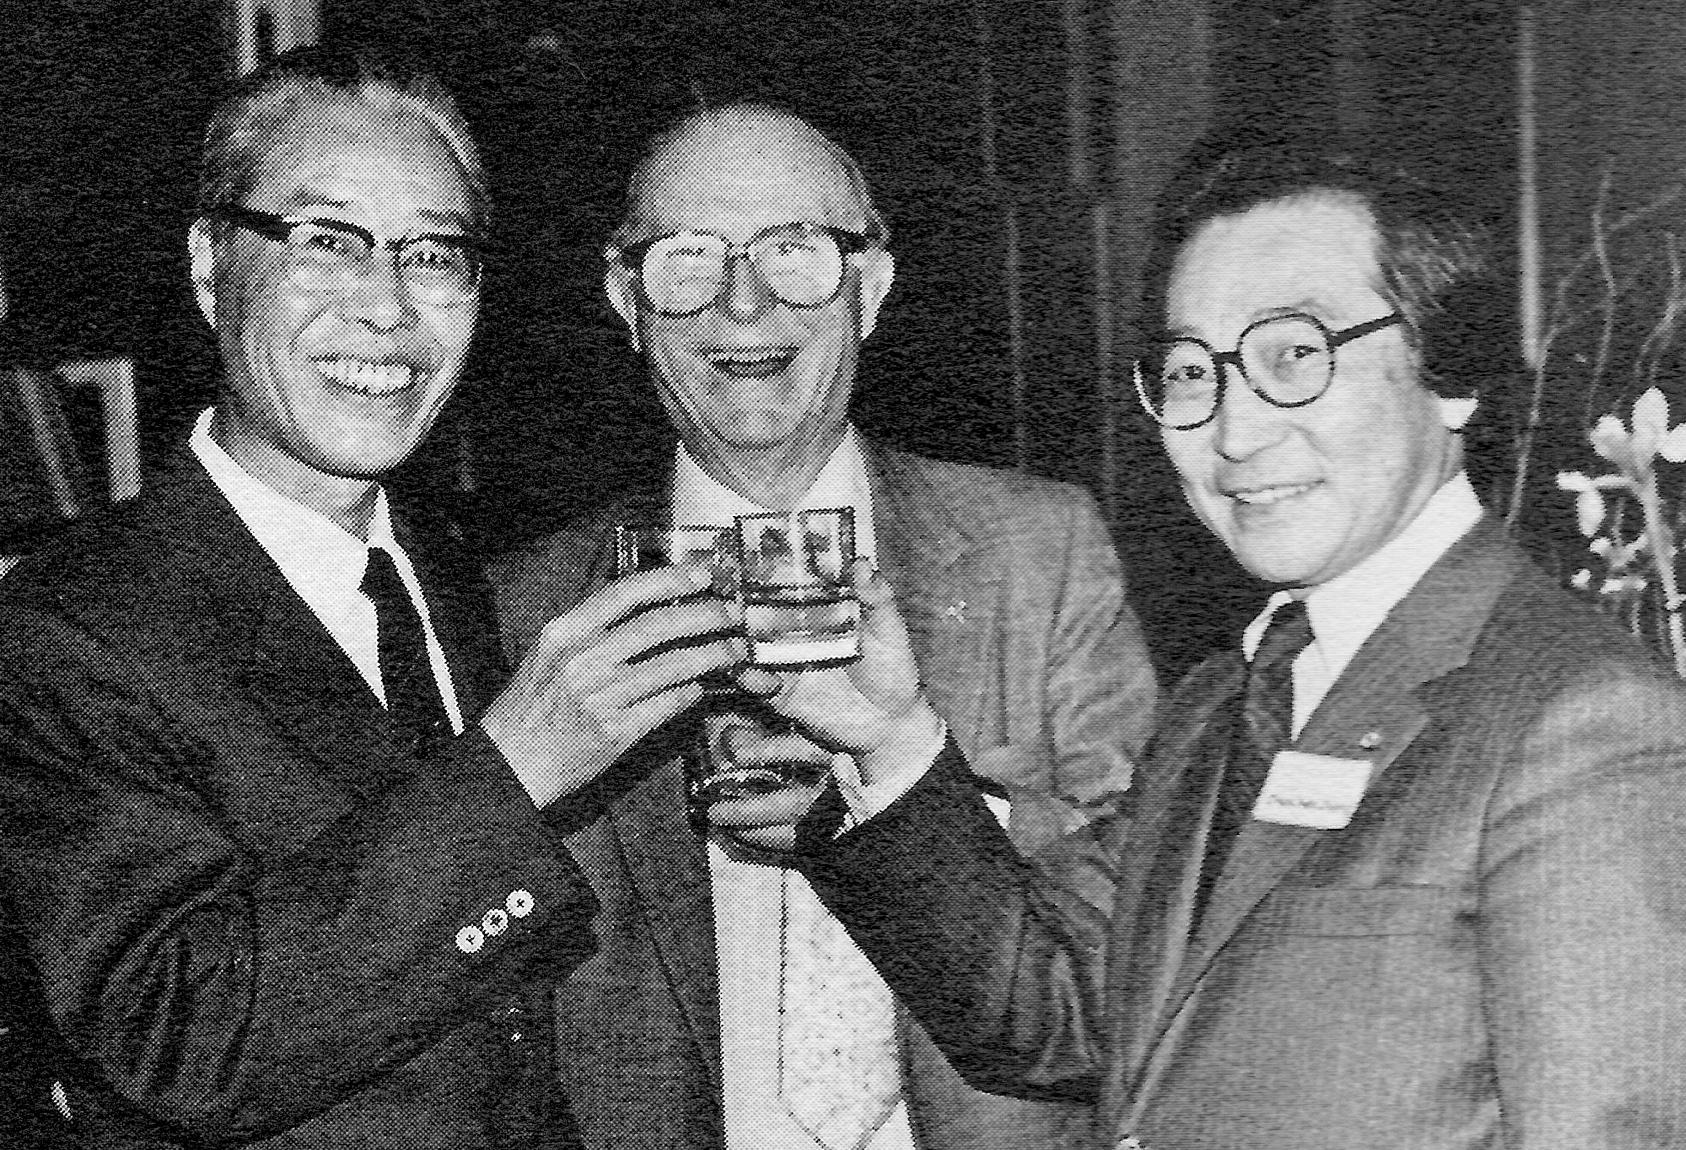 Wang Zicheng, Porter McKeever, and Chou Wen-chung